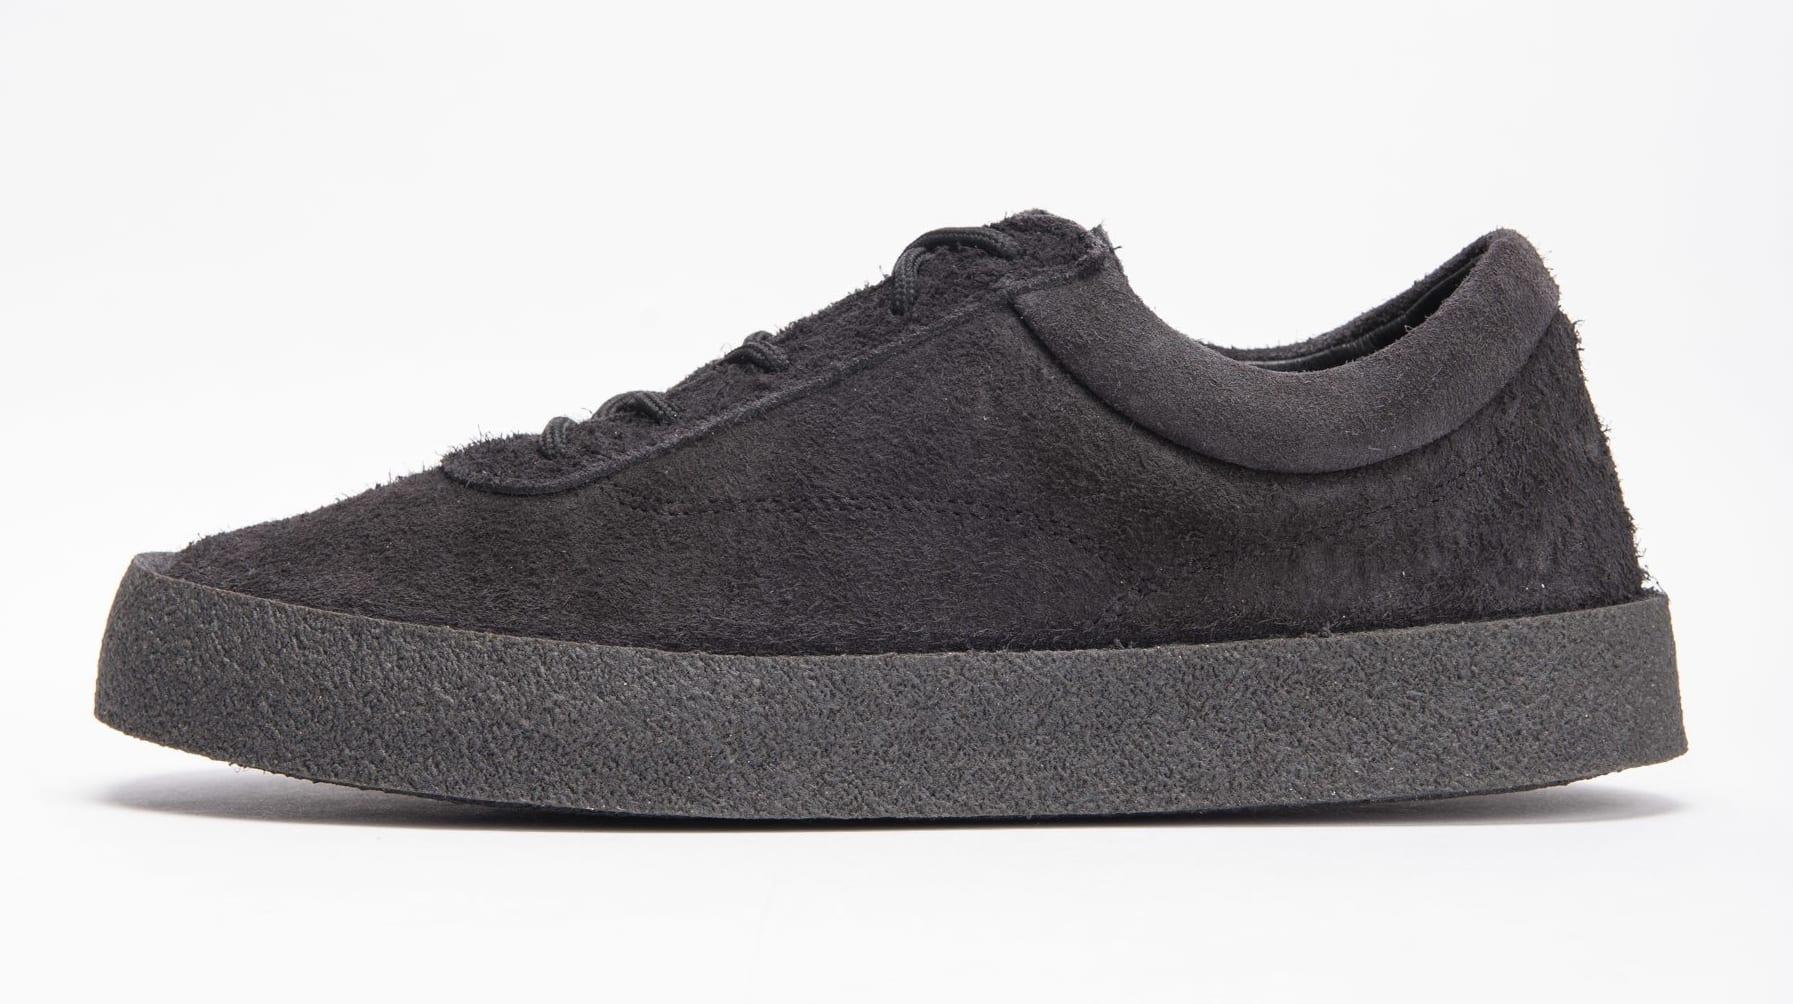 Season 6 Crepe Sneaker in Black Yeezy by Kanye West